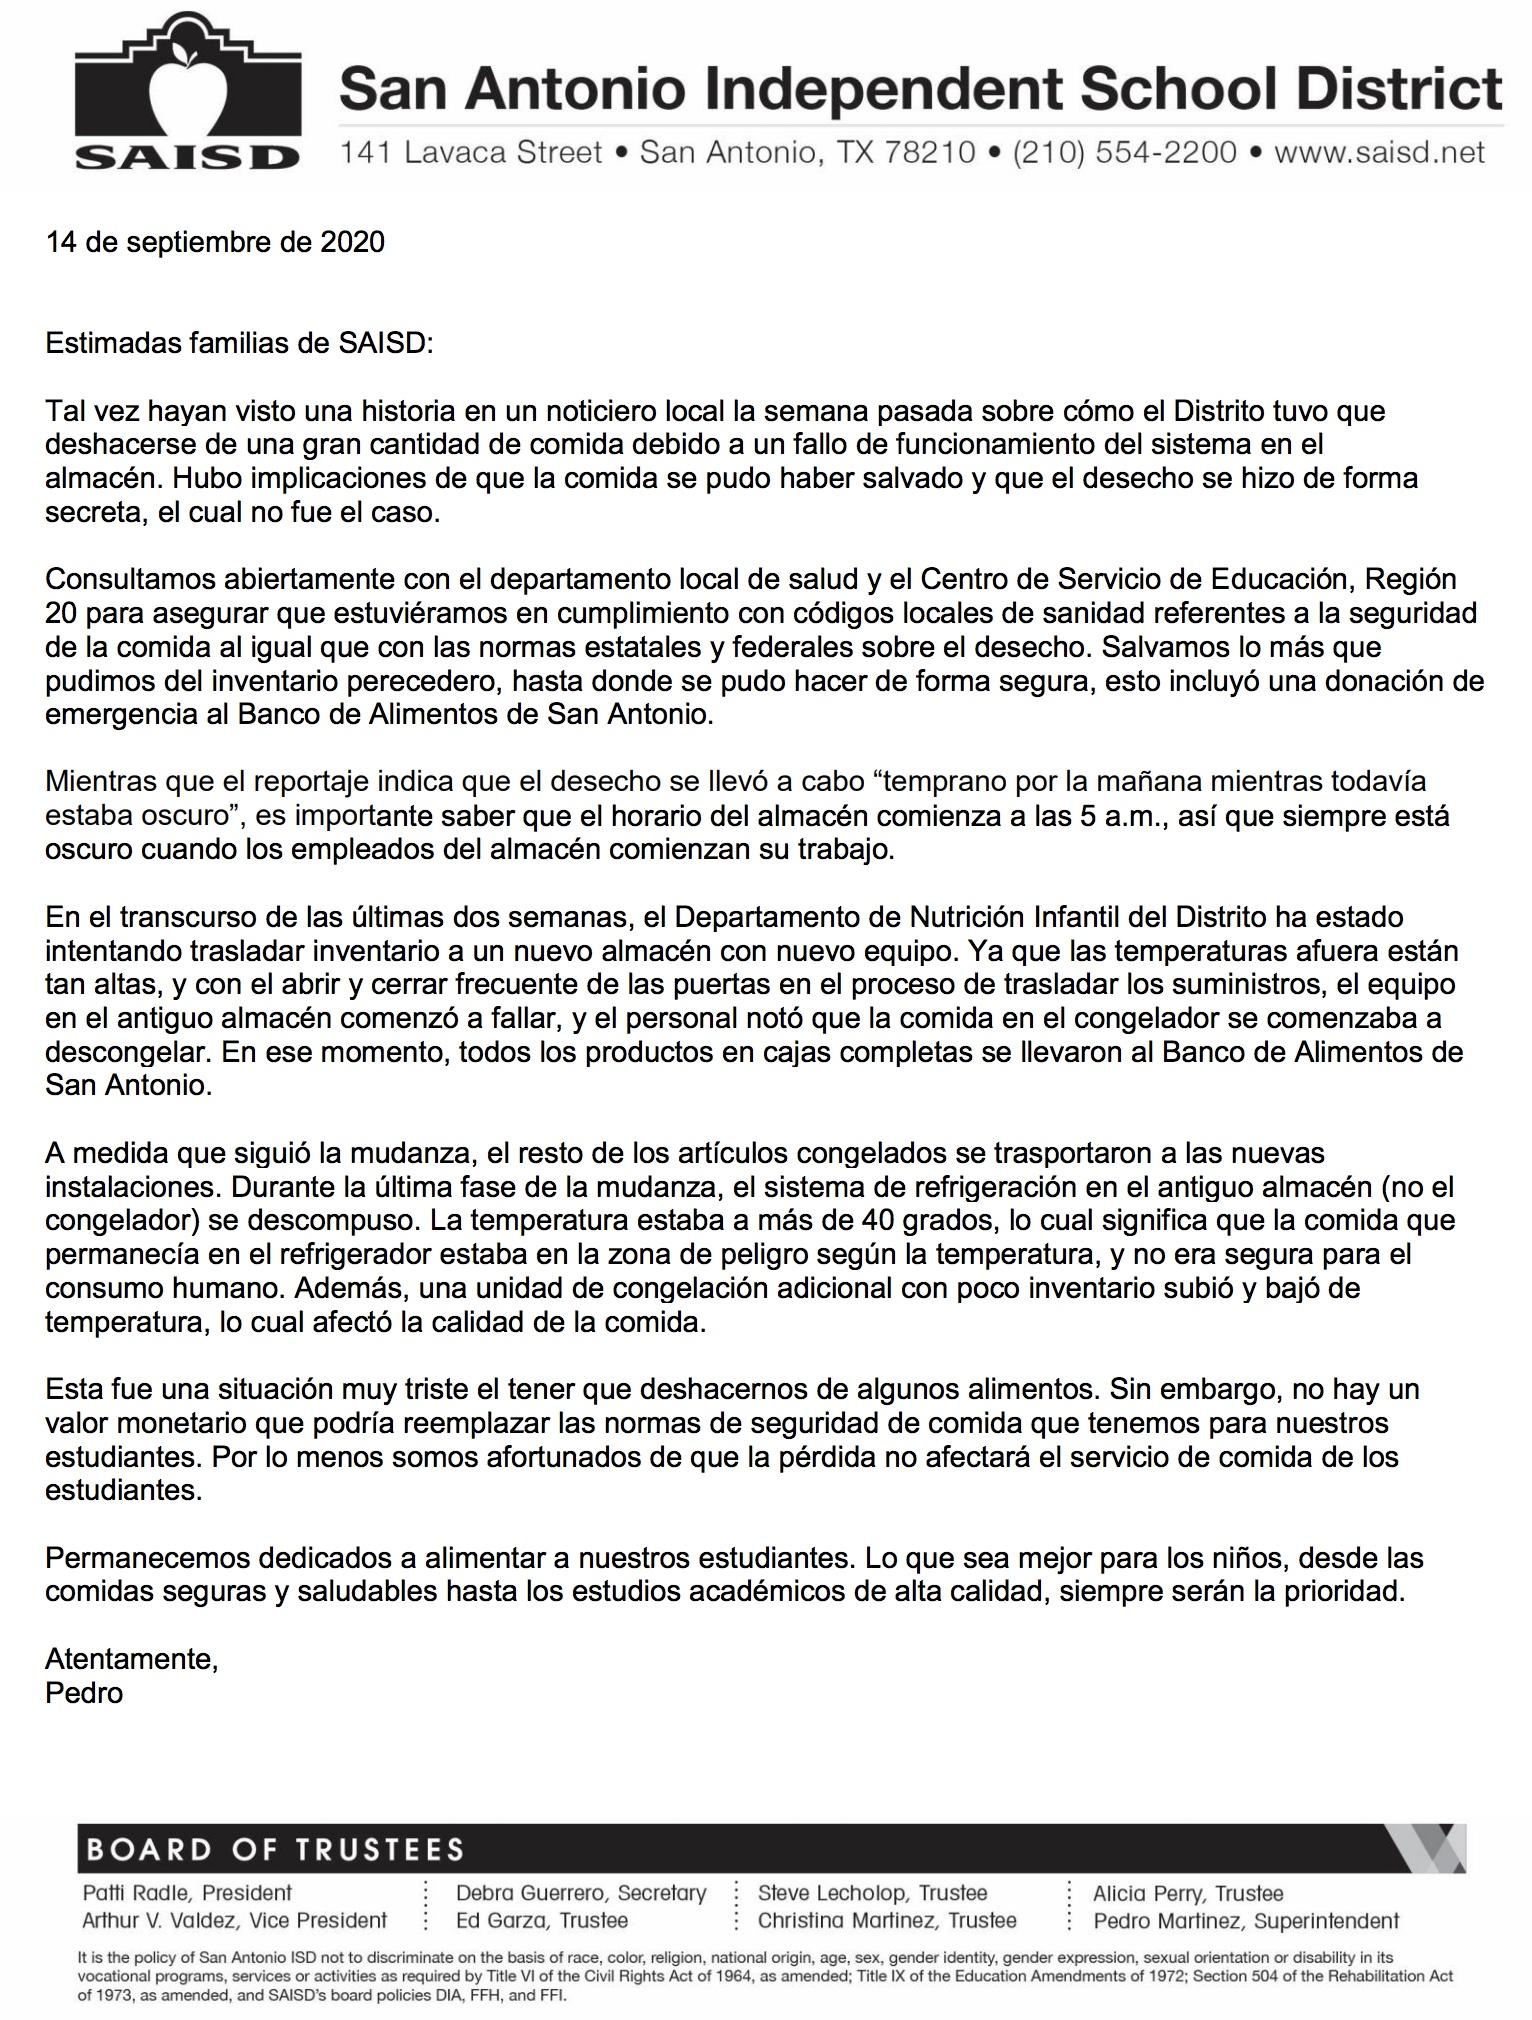 parent letter 9.14.2020 span